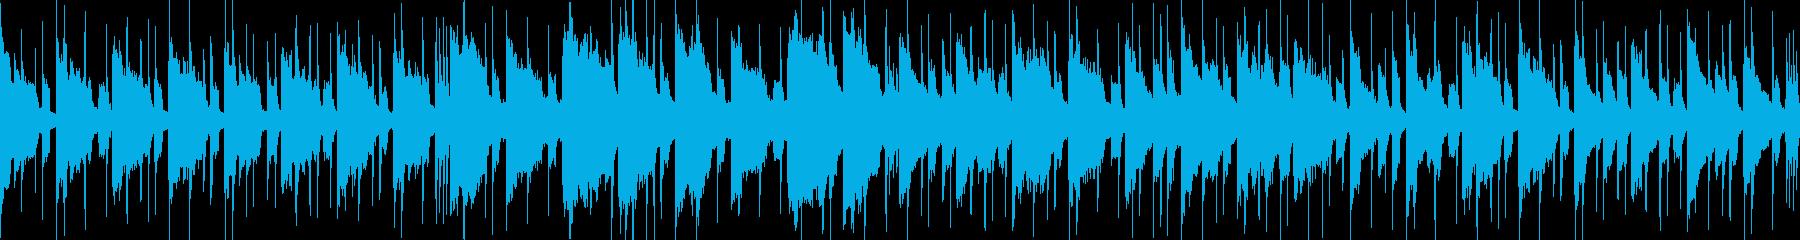 穏やかで切ないジャズの再生済みの波形